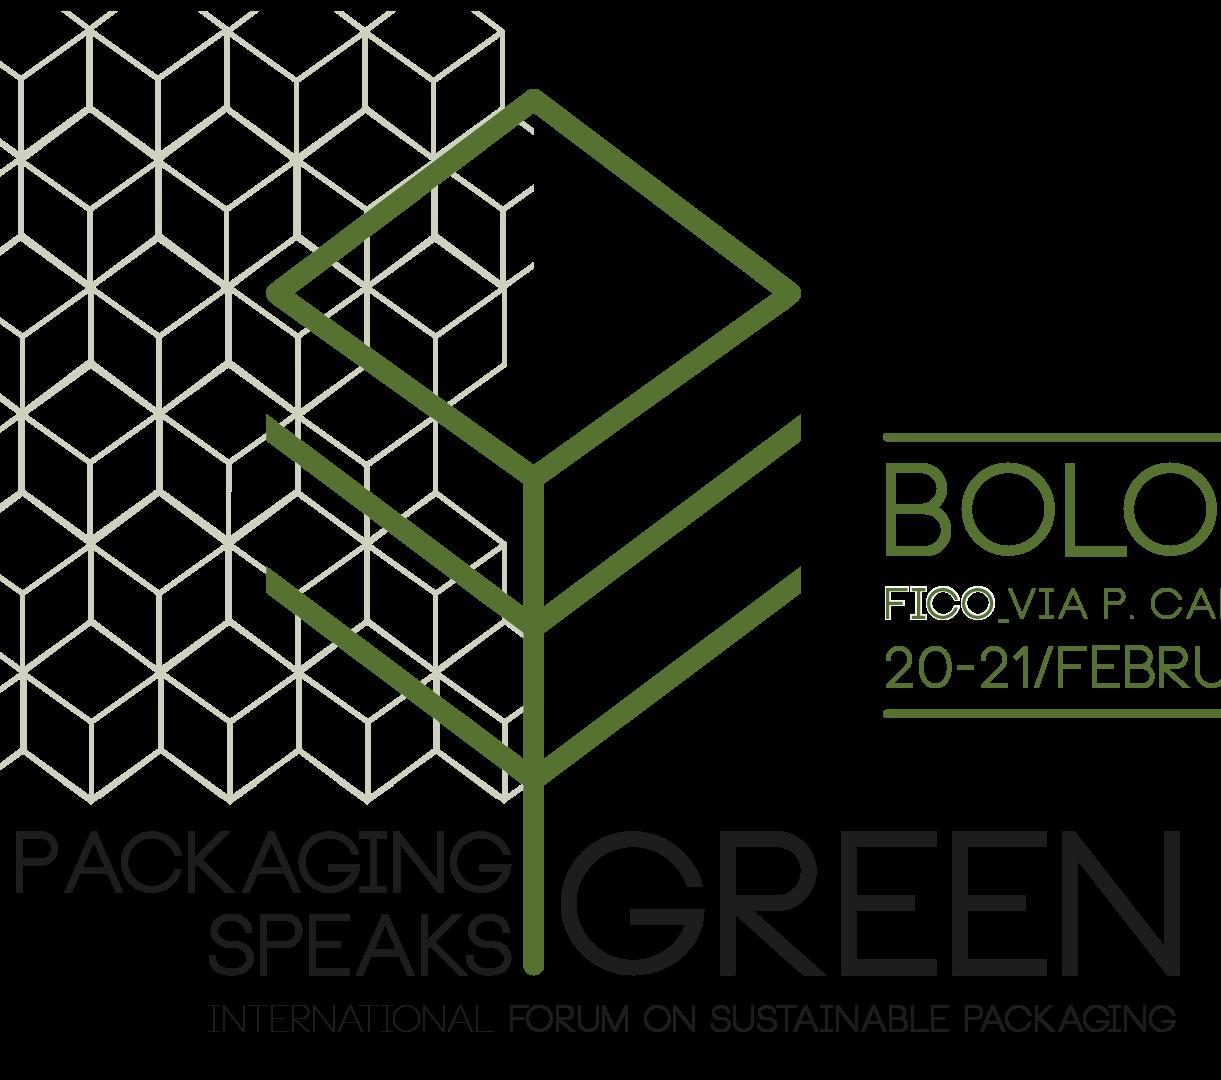 packaging-speaks-green.png